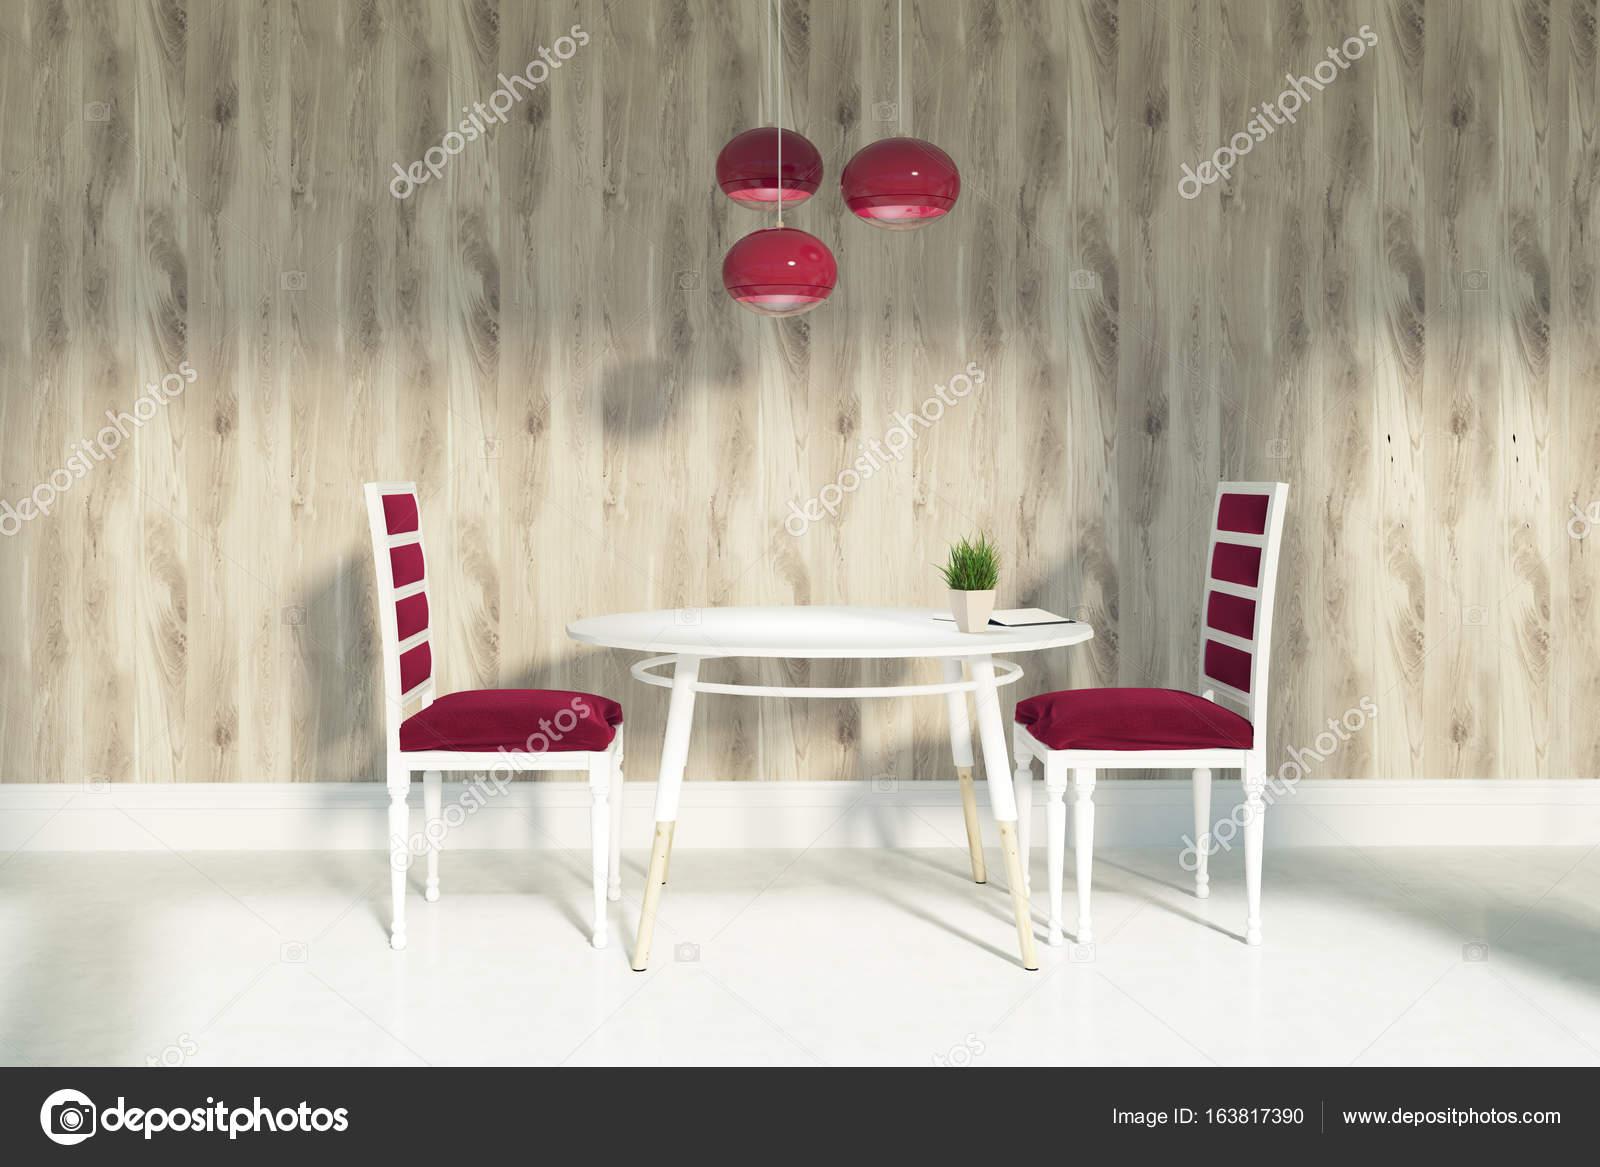 Salle A Manger Avec Des Chaises Rouges Et Des Murs En Bois